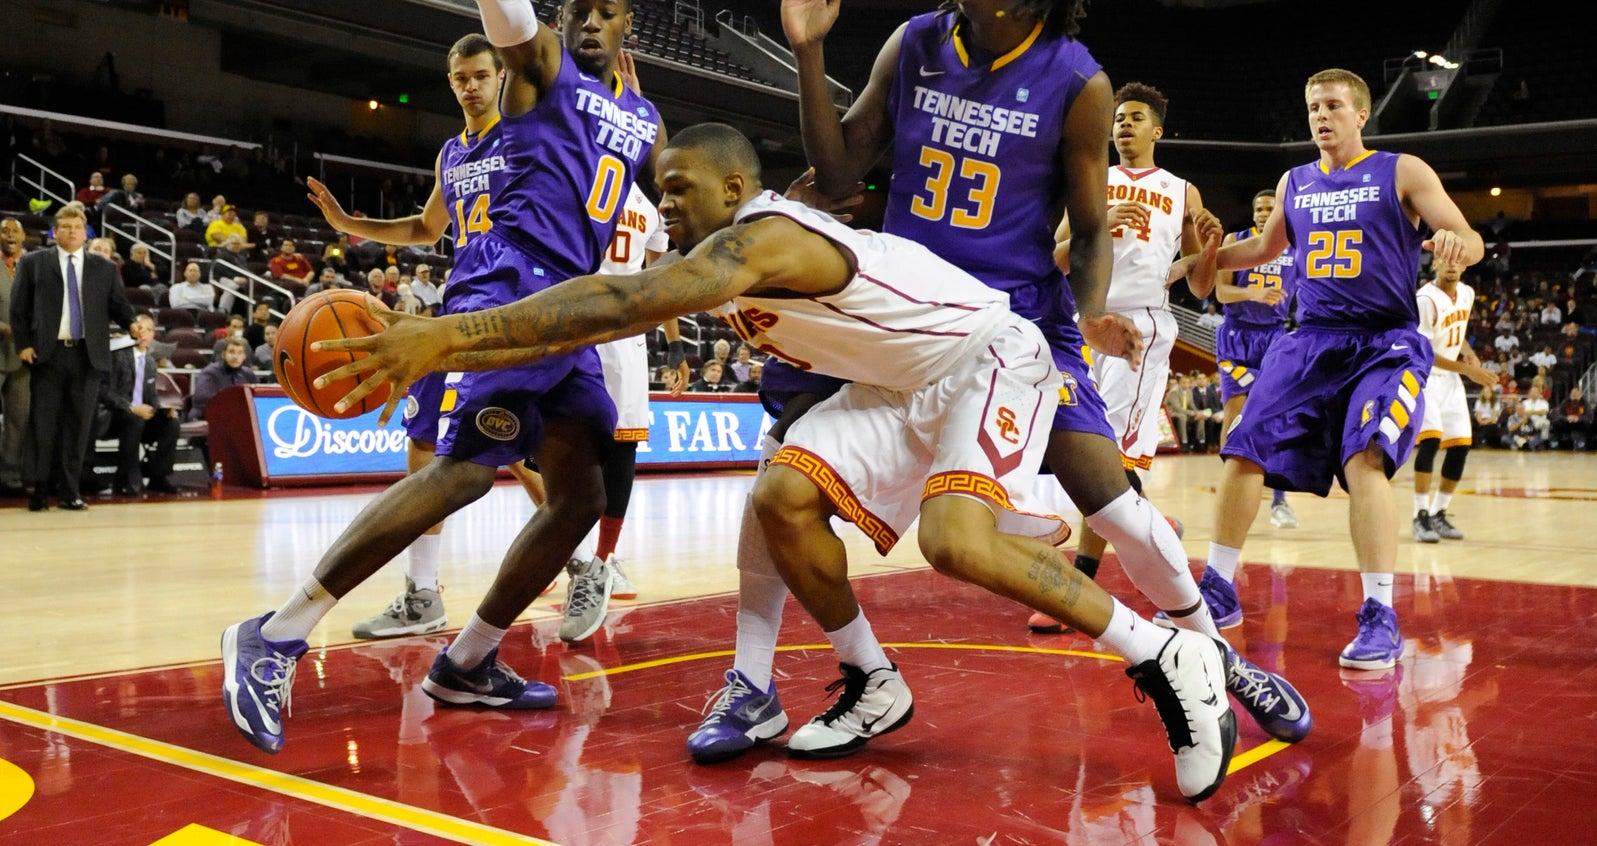 USC_M_Basketball_TennTech_111814_MCG3656.JPG